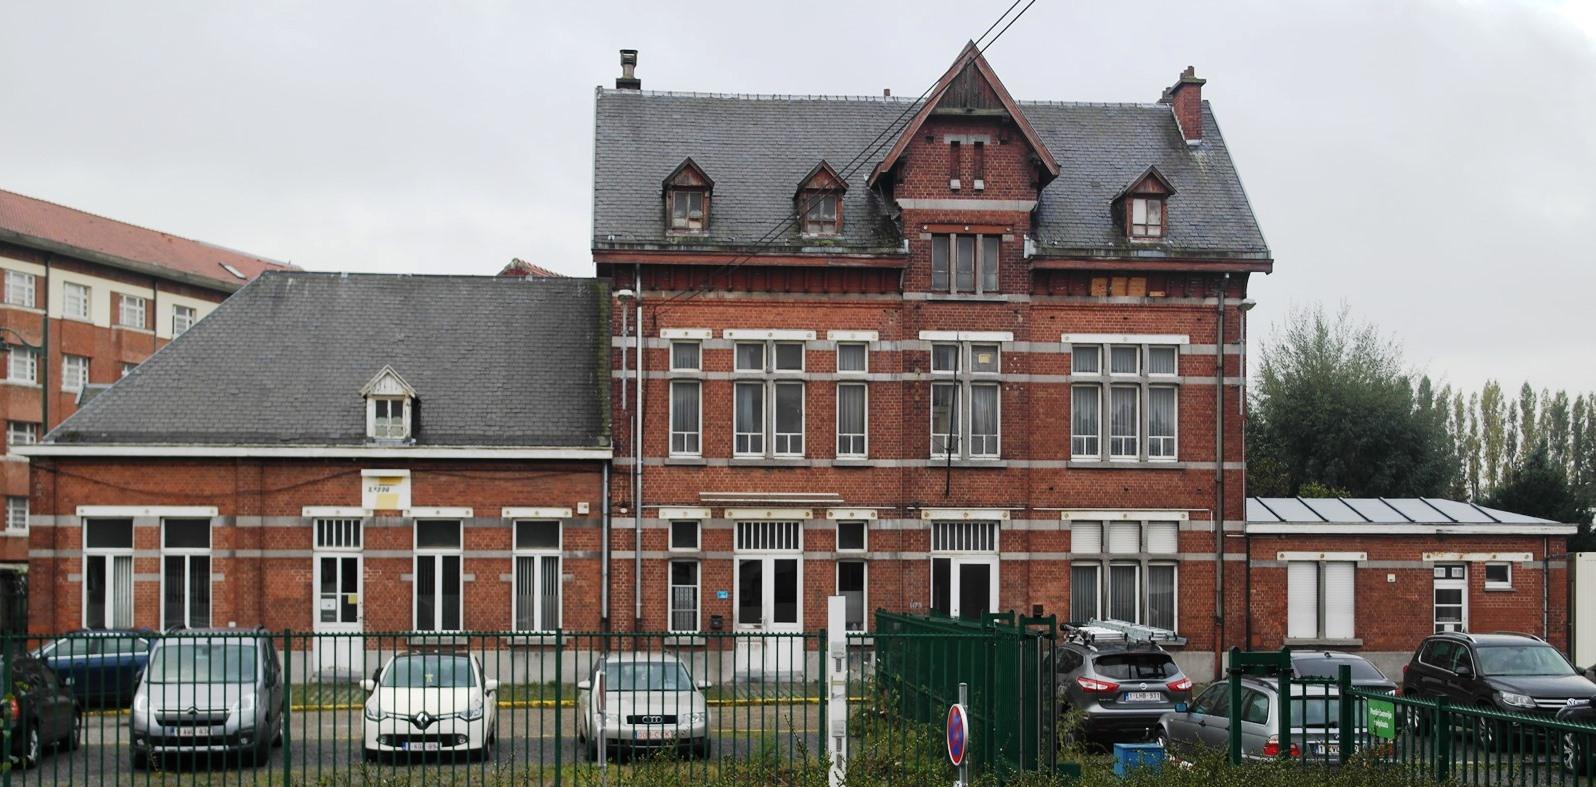 Chaussée de Mons 1179 et rue des Trèfles 65, dépôt pour les chemins de Fer Vicinaux, bureaux et guichets situés chaussée de Mons, 2015